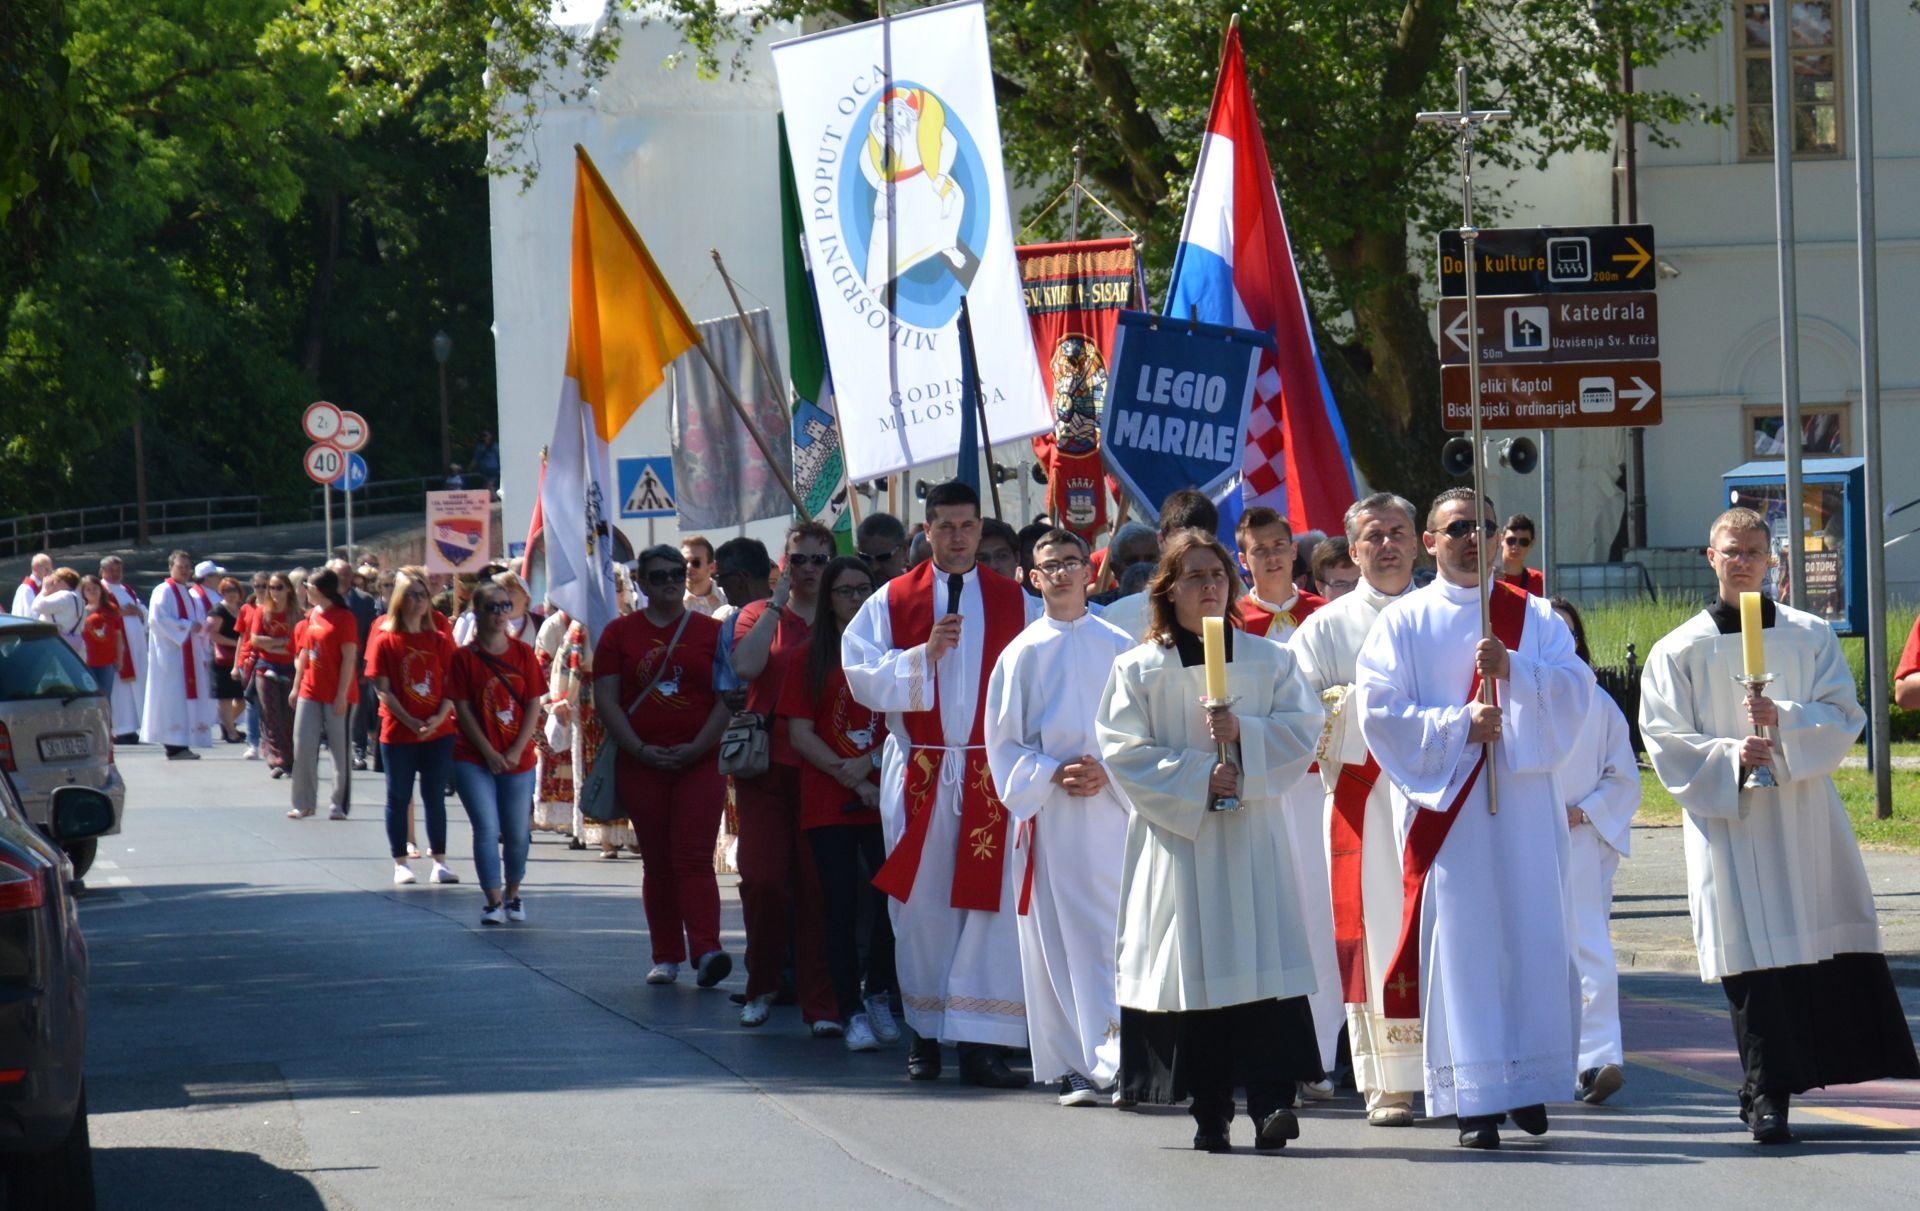 MANIFESTACIJE U SISKU: Slavi se Dan grada Siska i blagdan zaštitnika sv. Kvirina